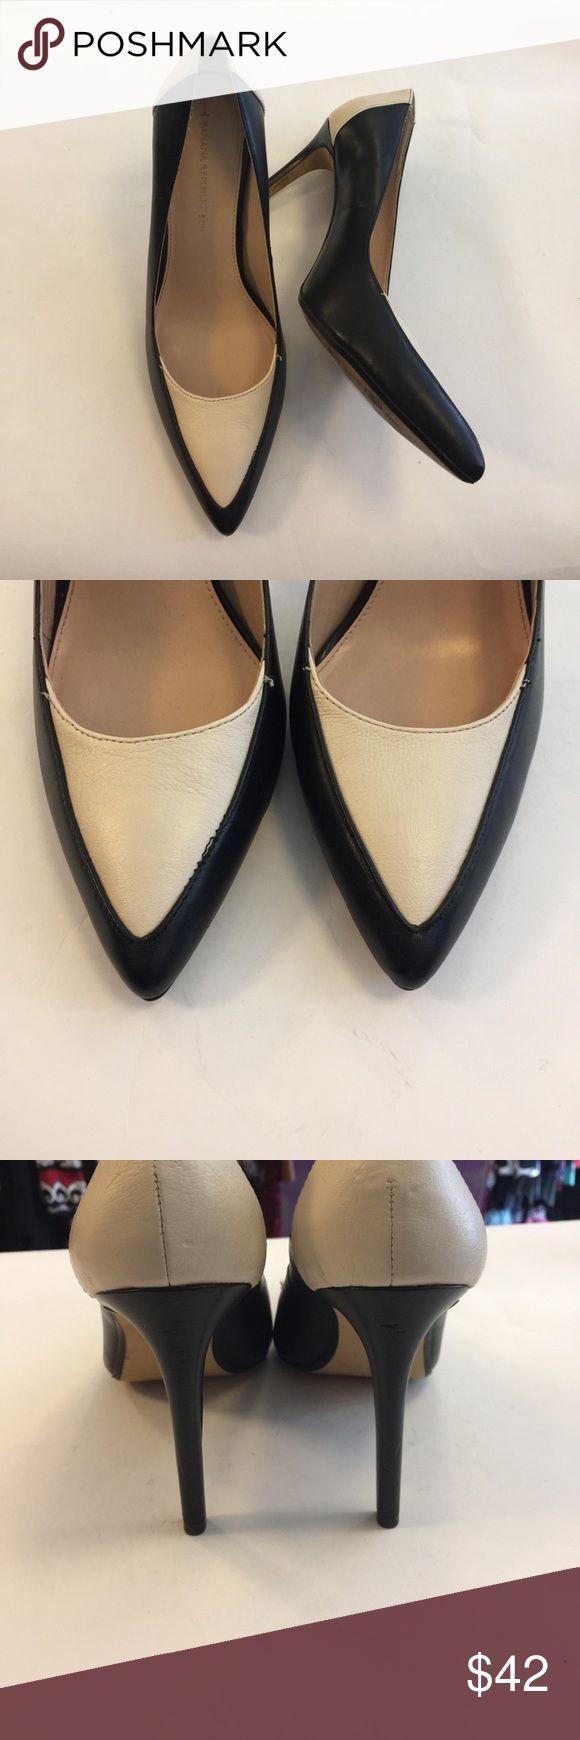 """Banana Republic two tone heels Worn a few times. 4.25"""" heel Banana Republic Shoes Heels"""